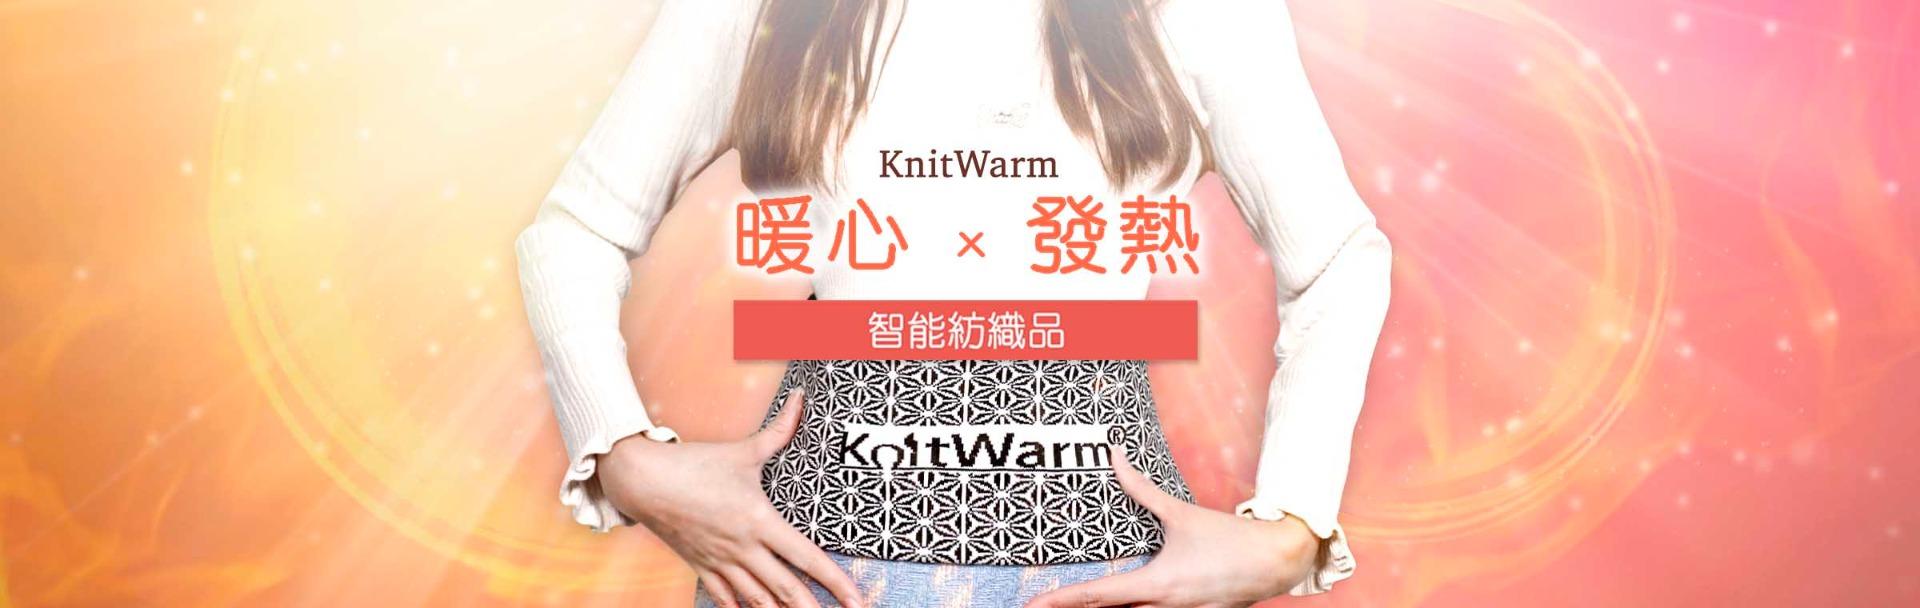 有助舒緩酸痛疲勞不適!KnitWarm 突破性保暖產品暖入心